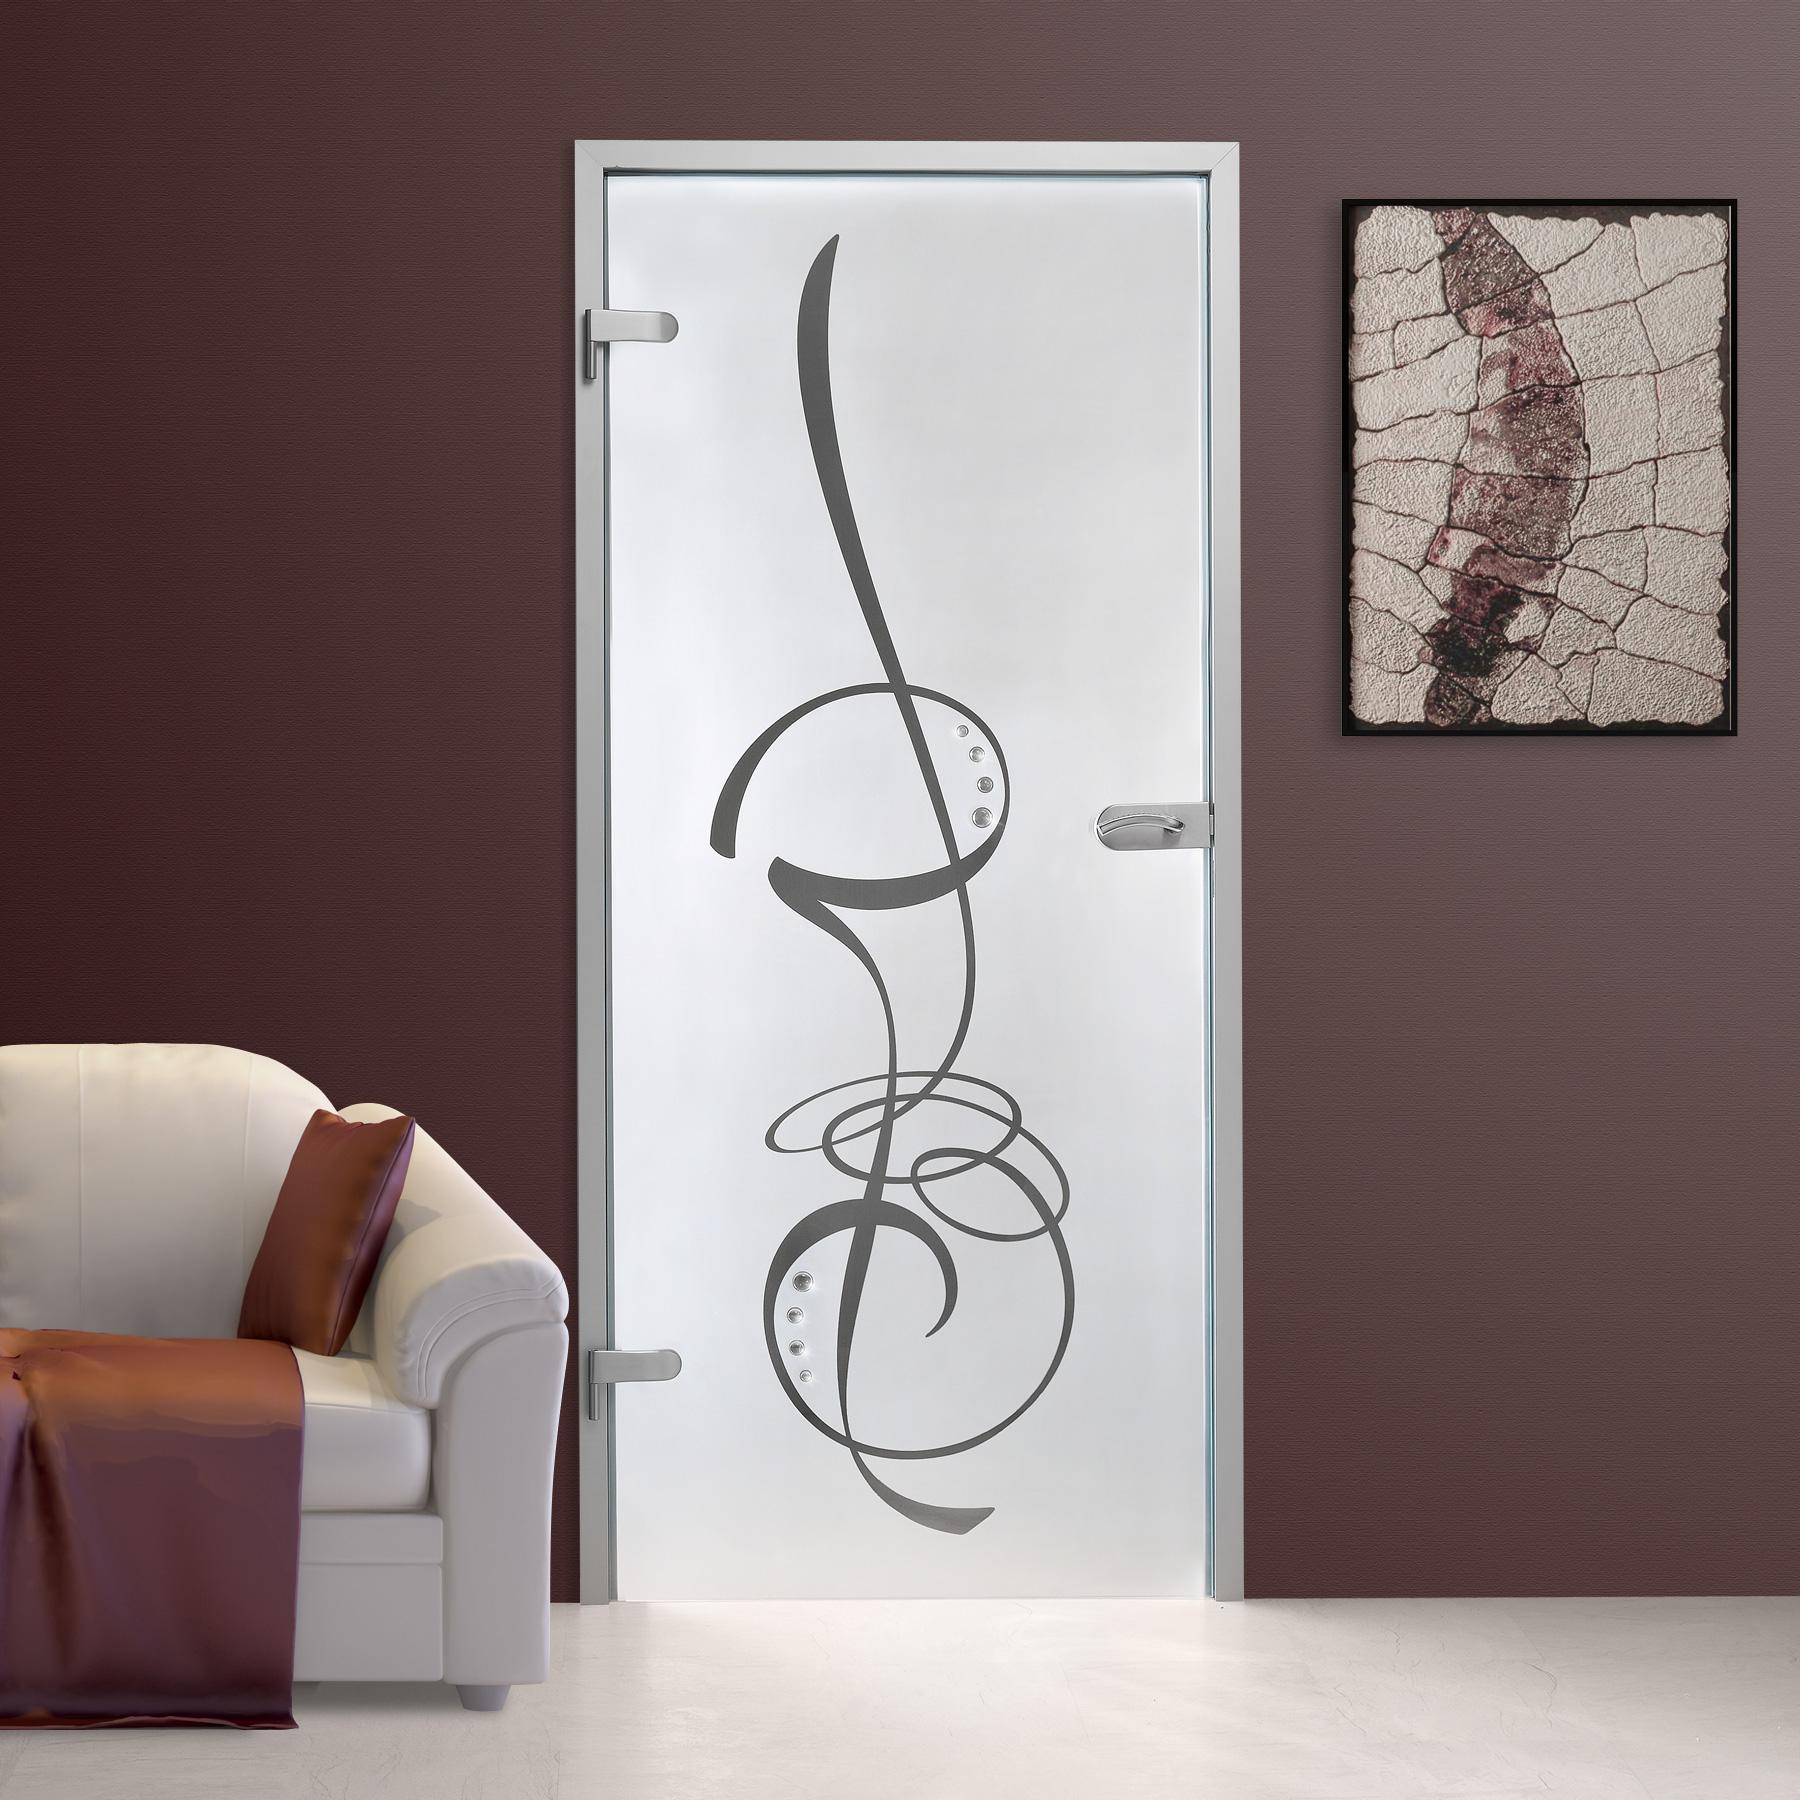 Imagens de #805949 Details zu Glastür GDS287 F2 Siebdruck mit Schmucksteinen 1800x1800 px 3510 Blindex Fosco Banheiro